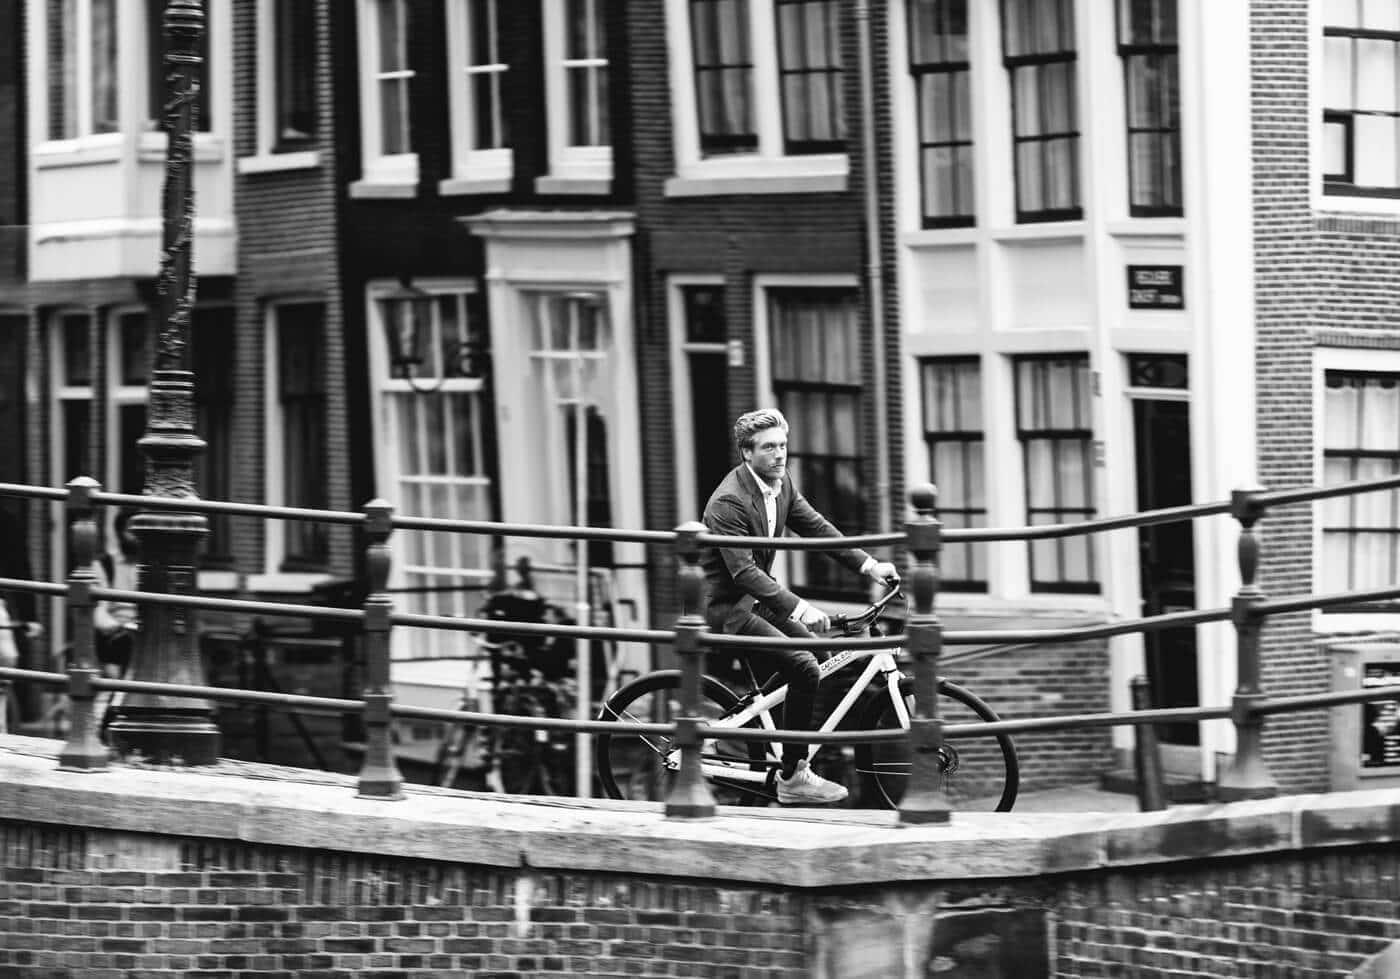 Capital Bikes Amsterdam Fietsenverhuur Bedrijfsreportage Amsterdam Grachten Fietsen VanMoof